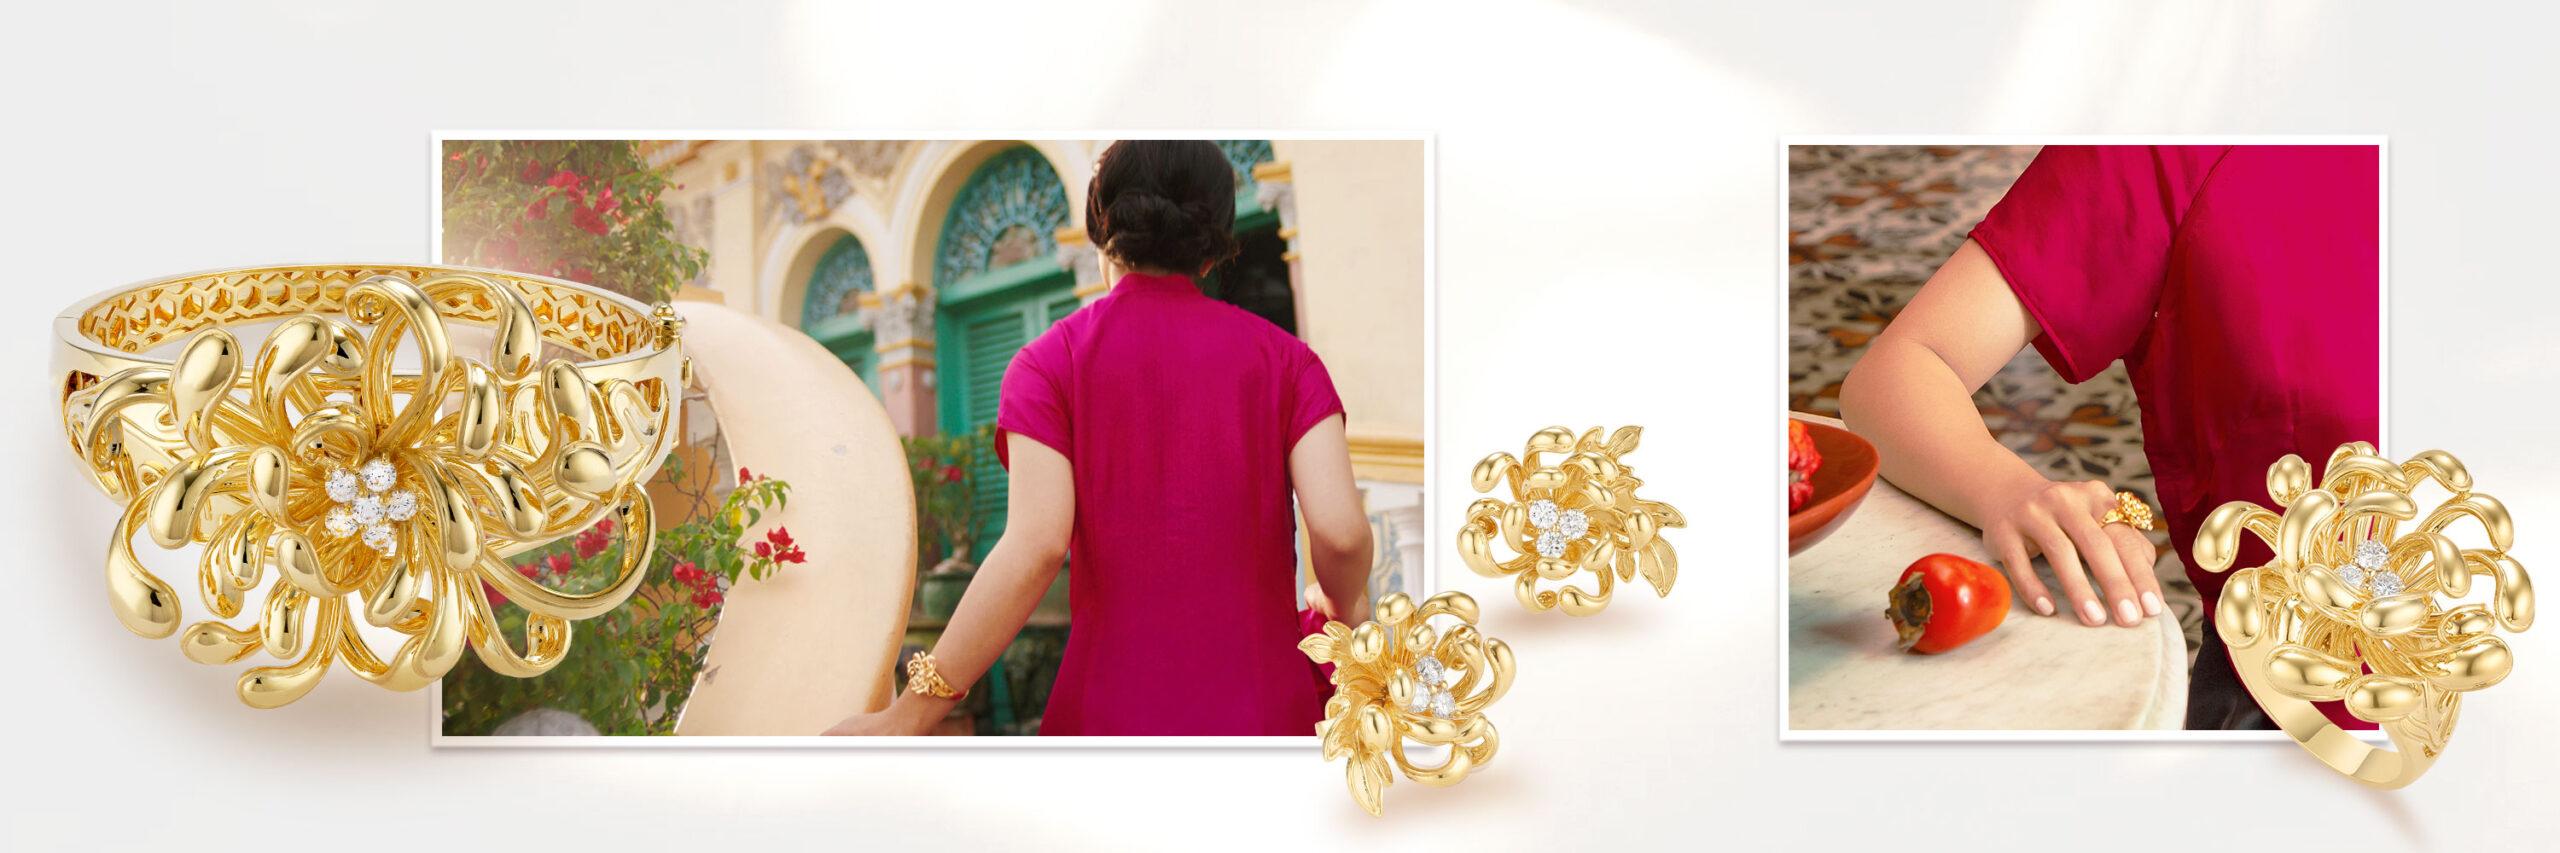 Vòng tay, bông tai BST Cúc Viên Mãn, vàng 18K